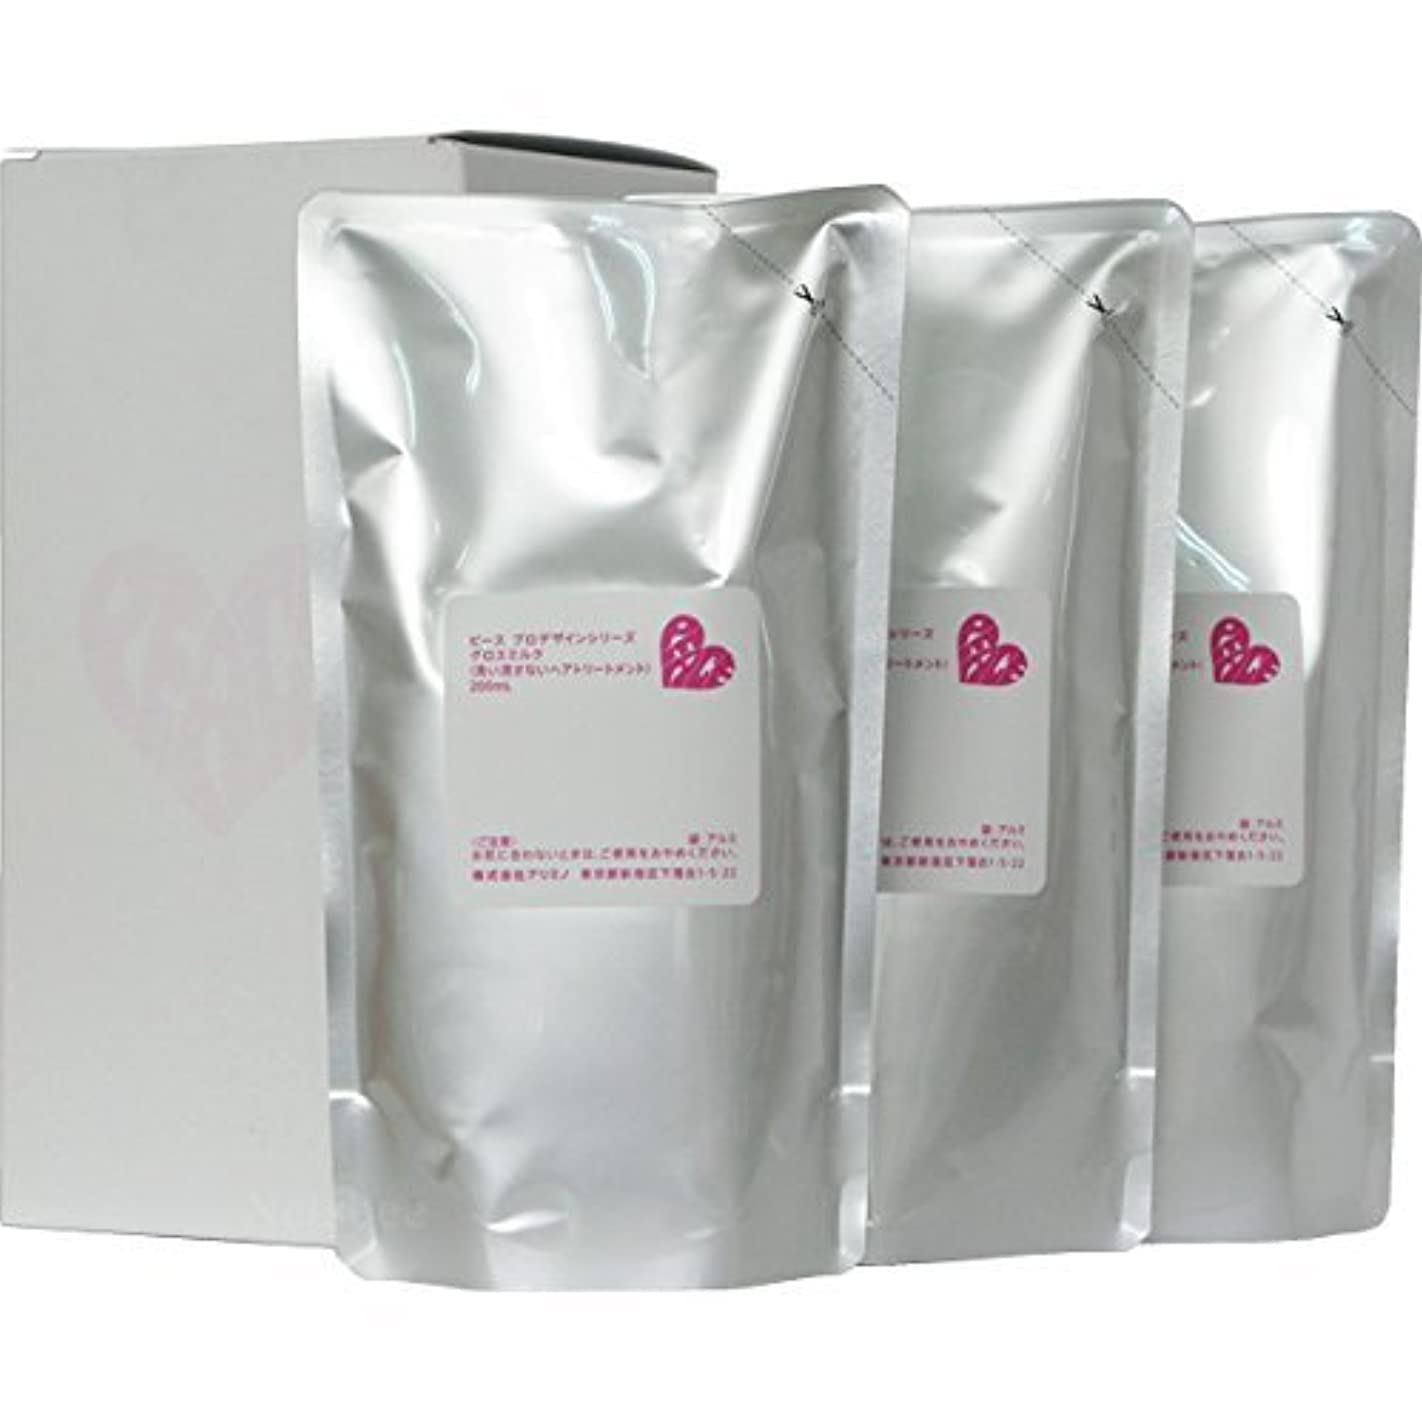 道徳の無人面ピース プロデザインシリーズ グロスミルク ホワイト リフィル 200ml×3